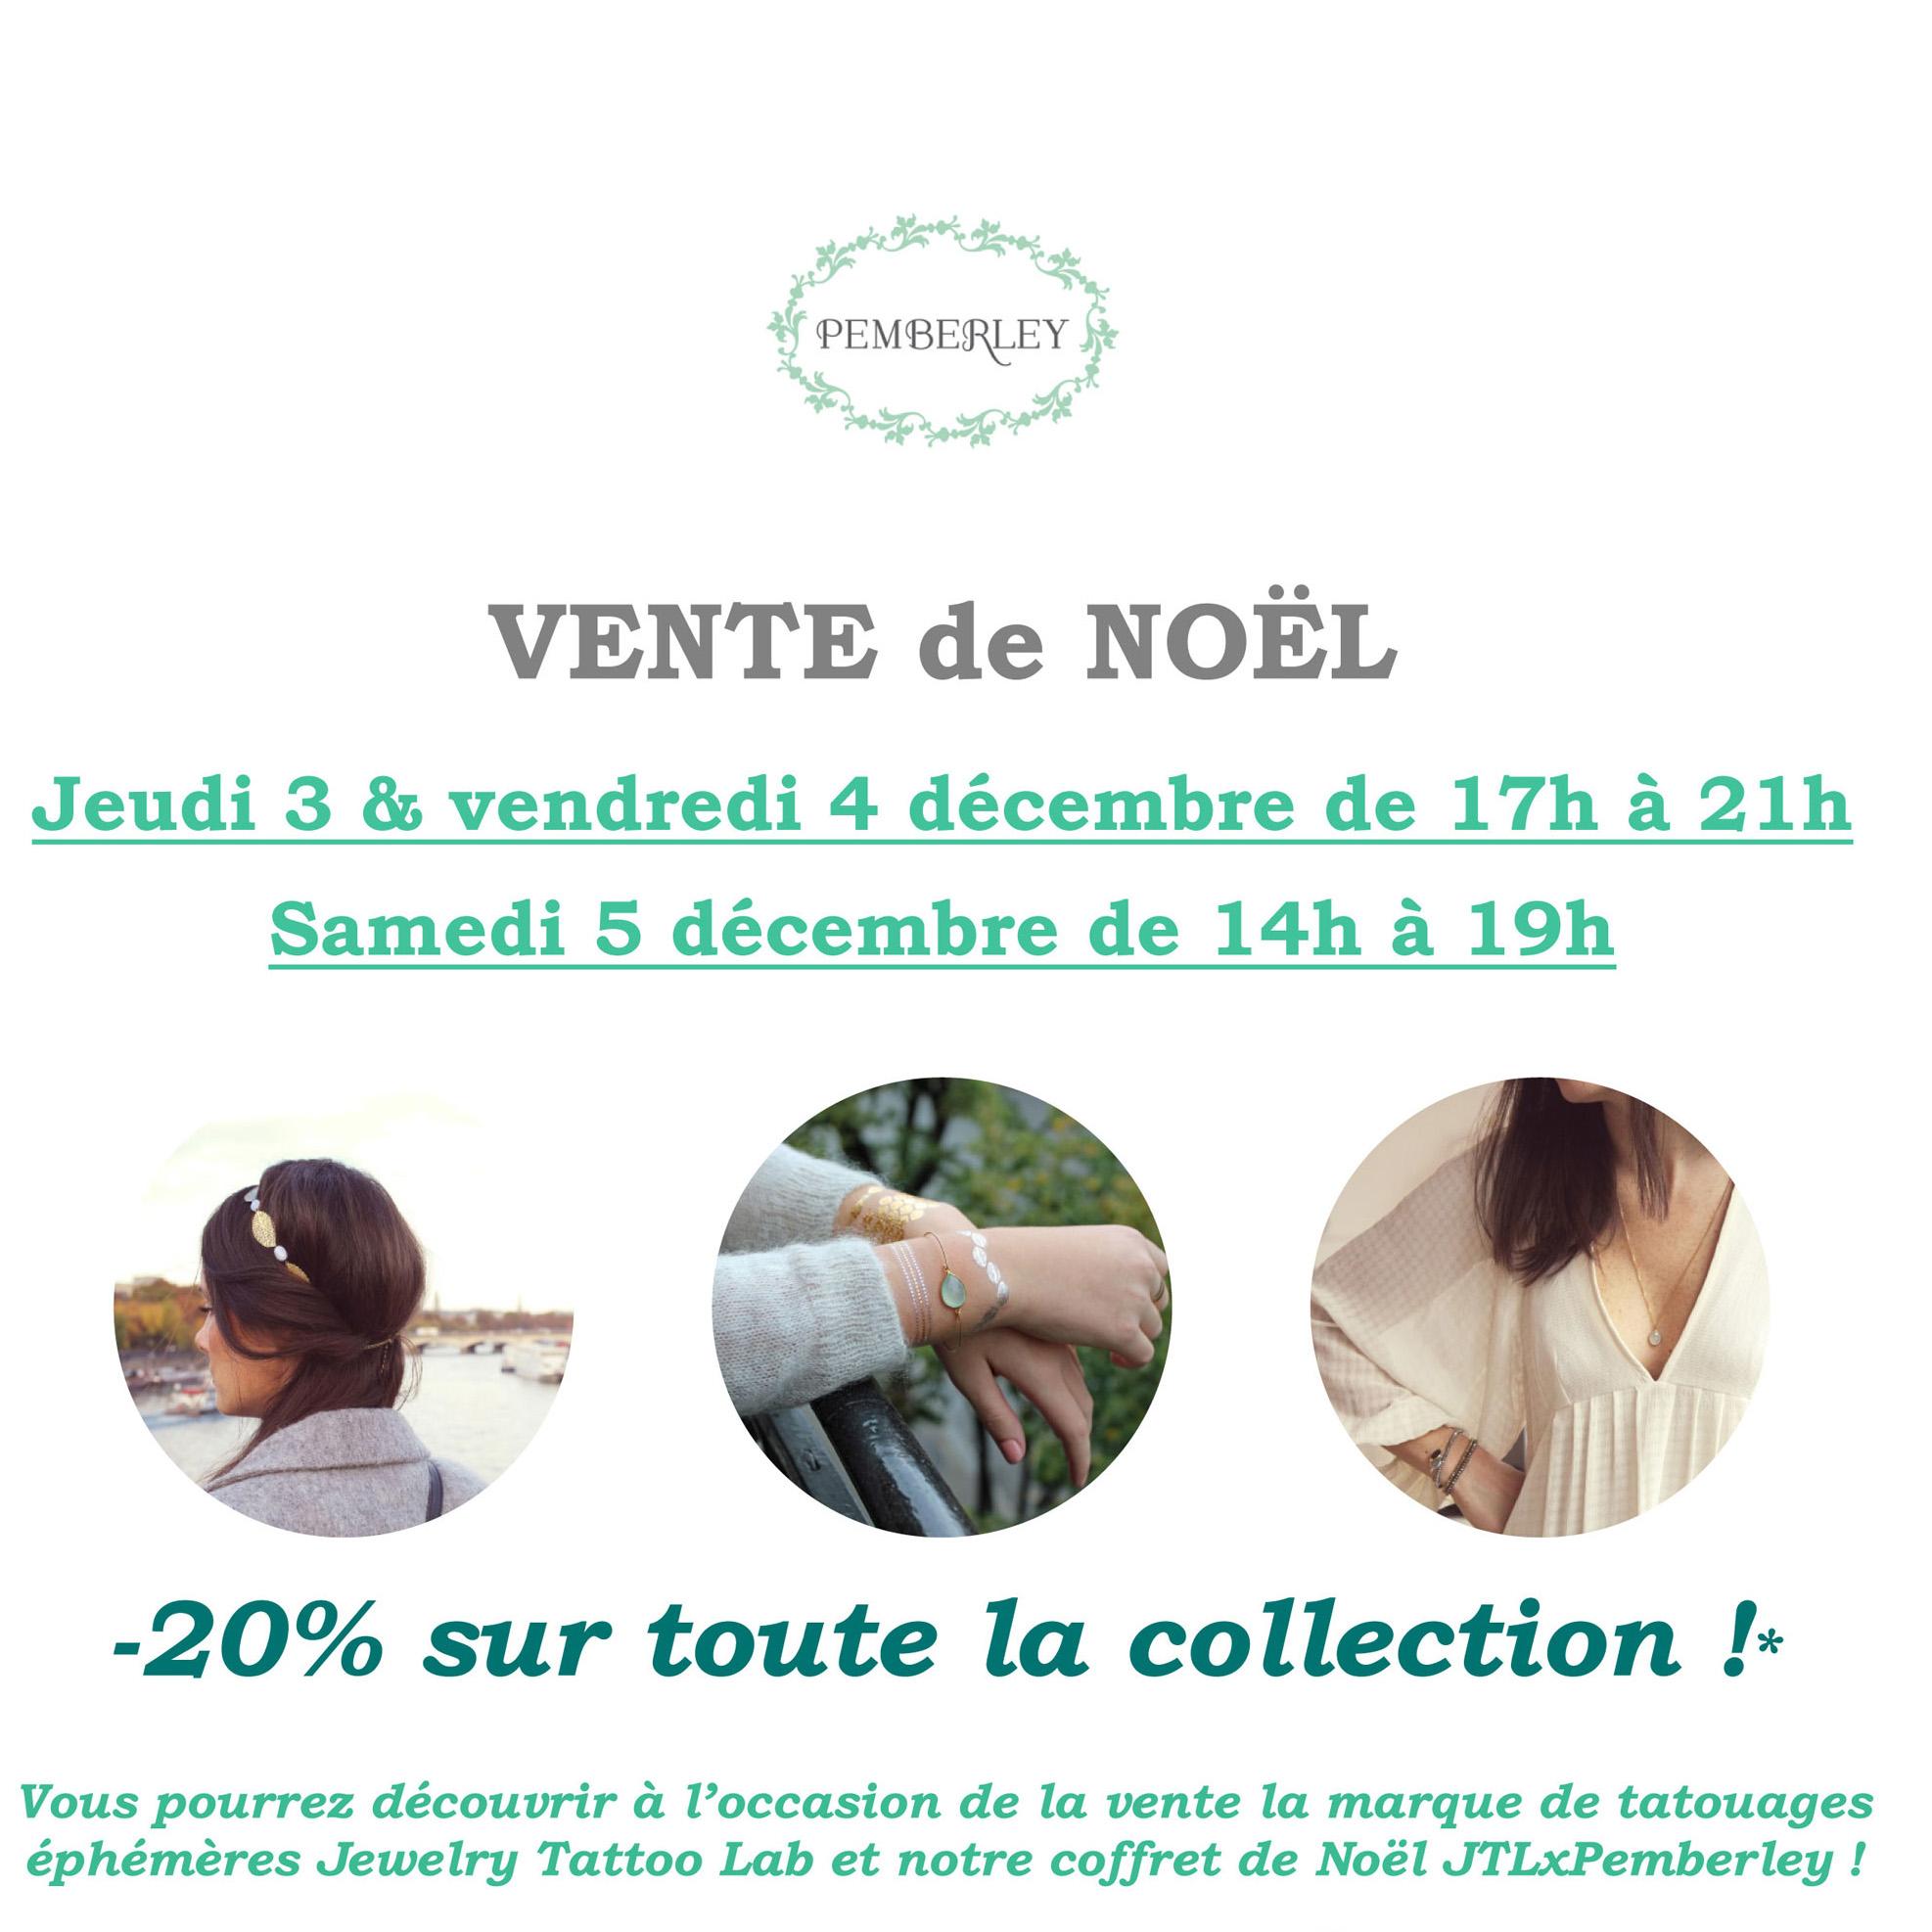 Vente Noël 2015 Pemberley bijoux